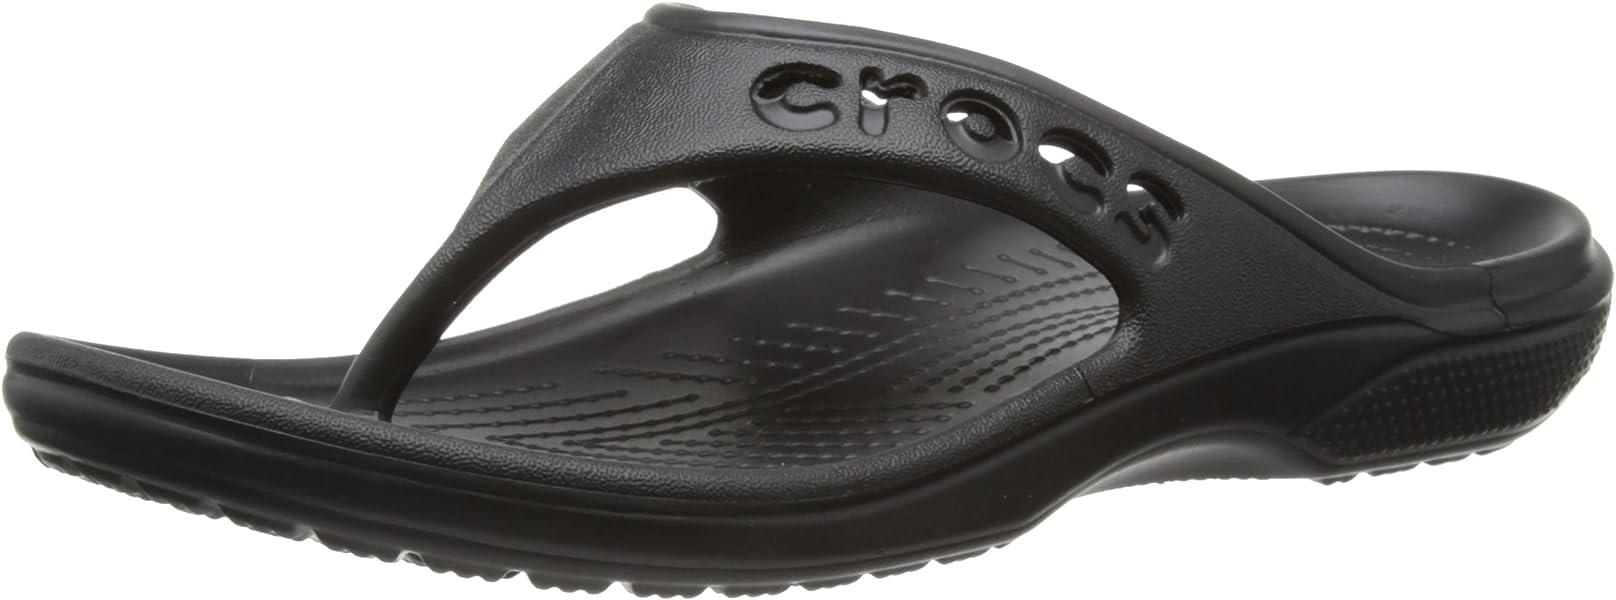 Crocs Unisex Adult Baya Flip Flops